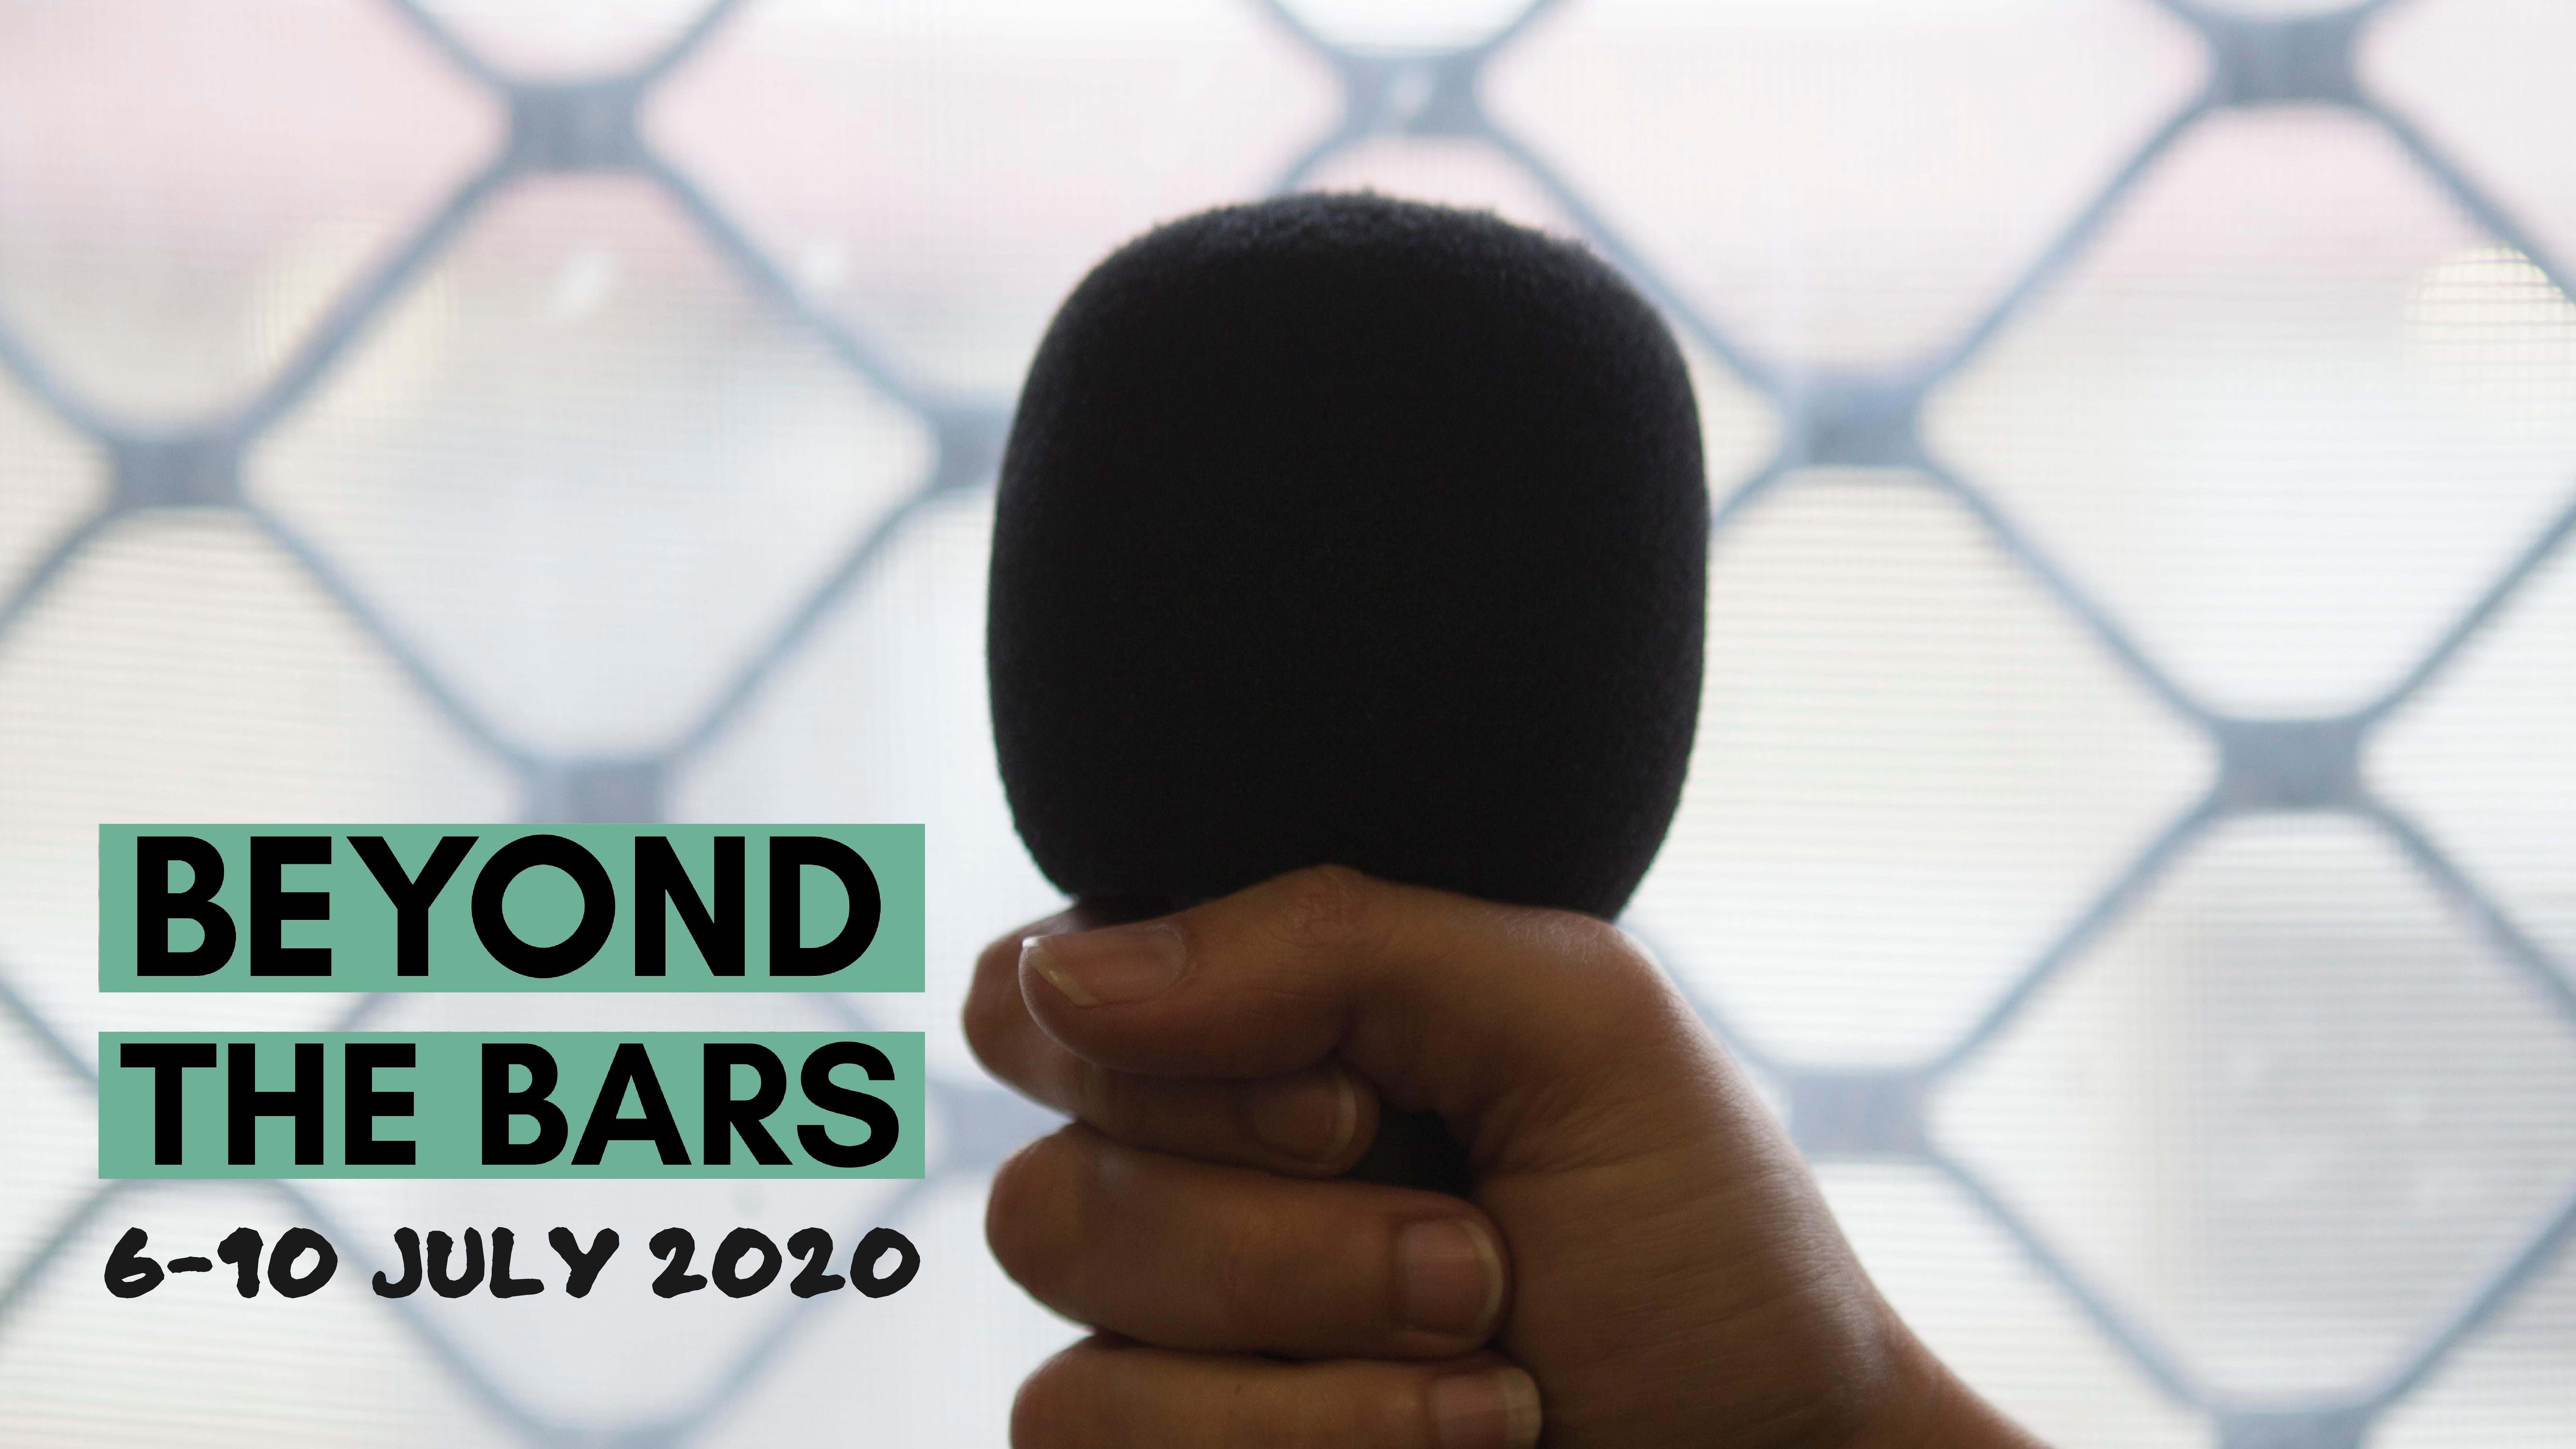 Beyond the Bars 2020